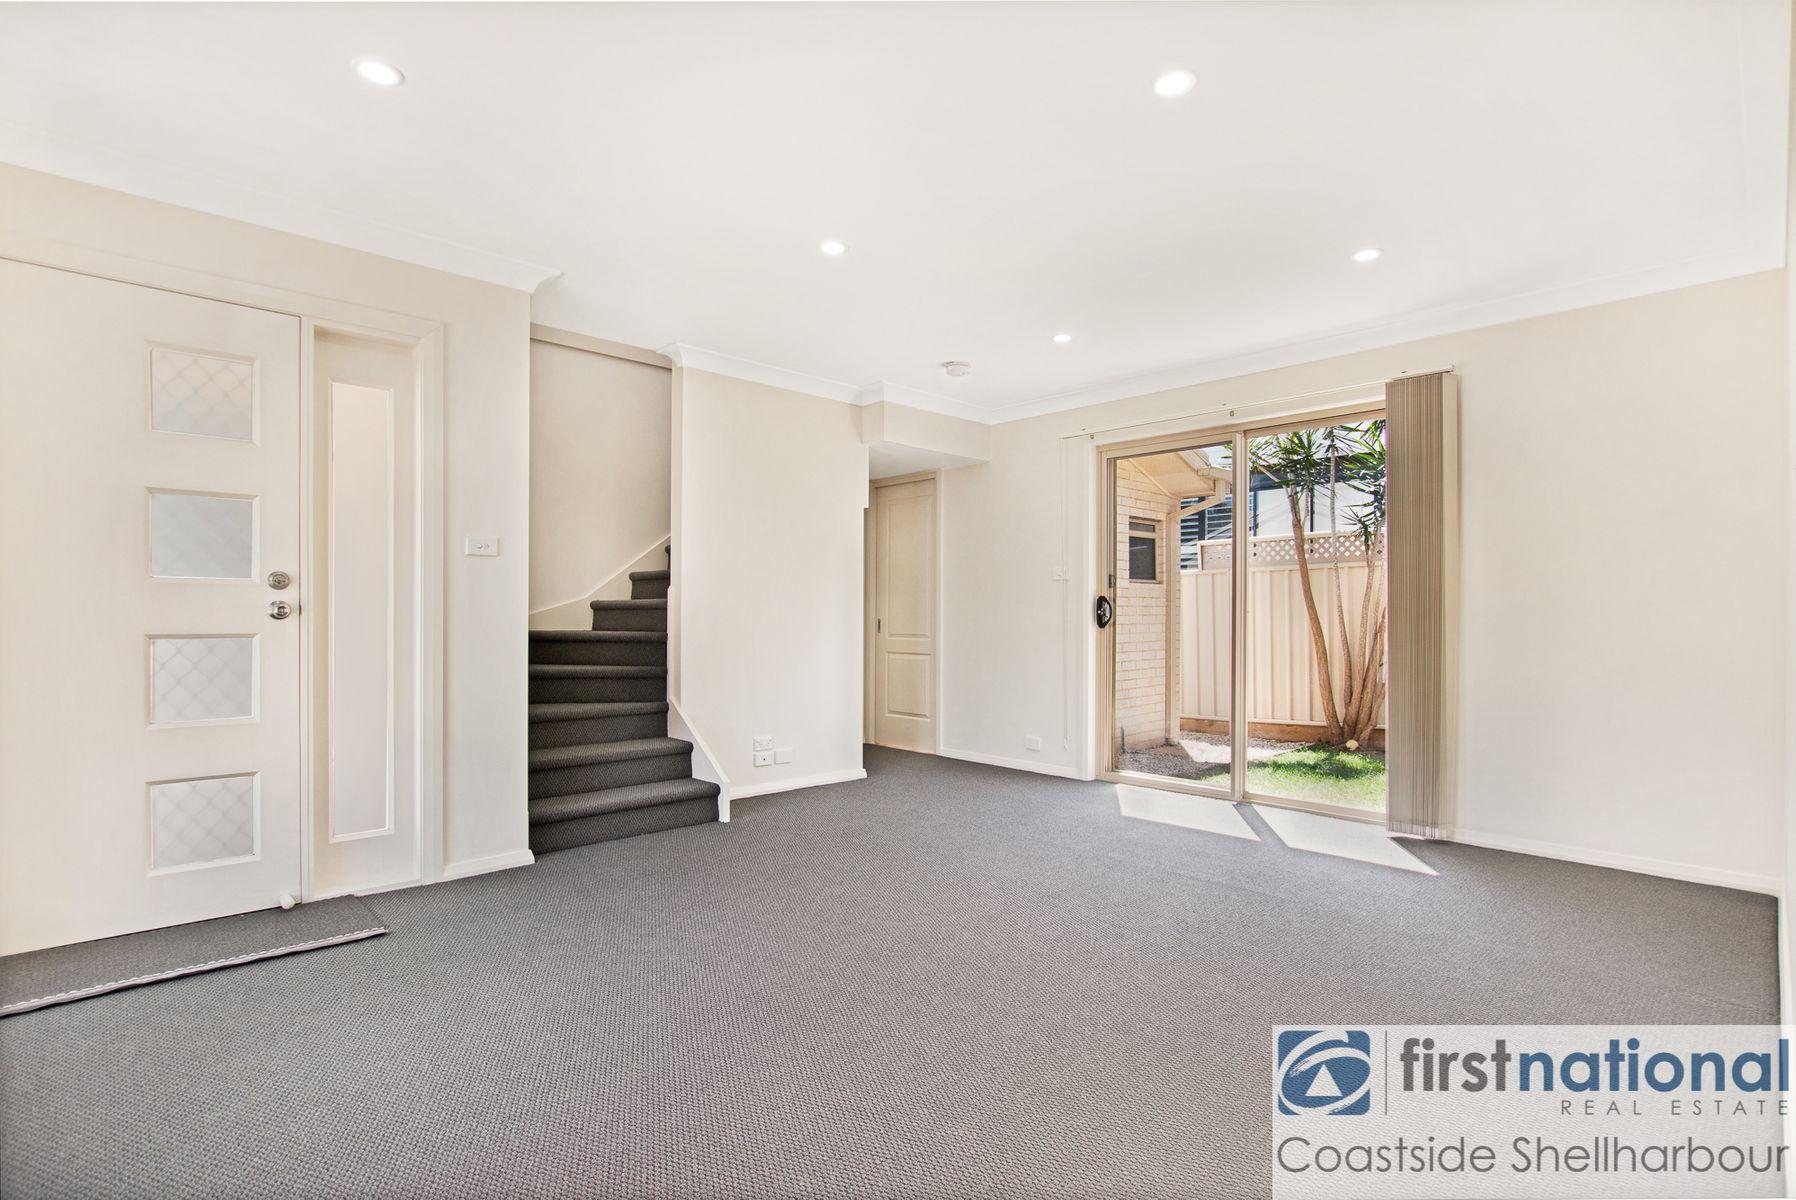 1/5 Reid Street, Shellharbour, NSW 2529